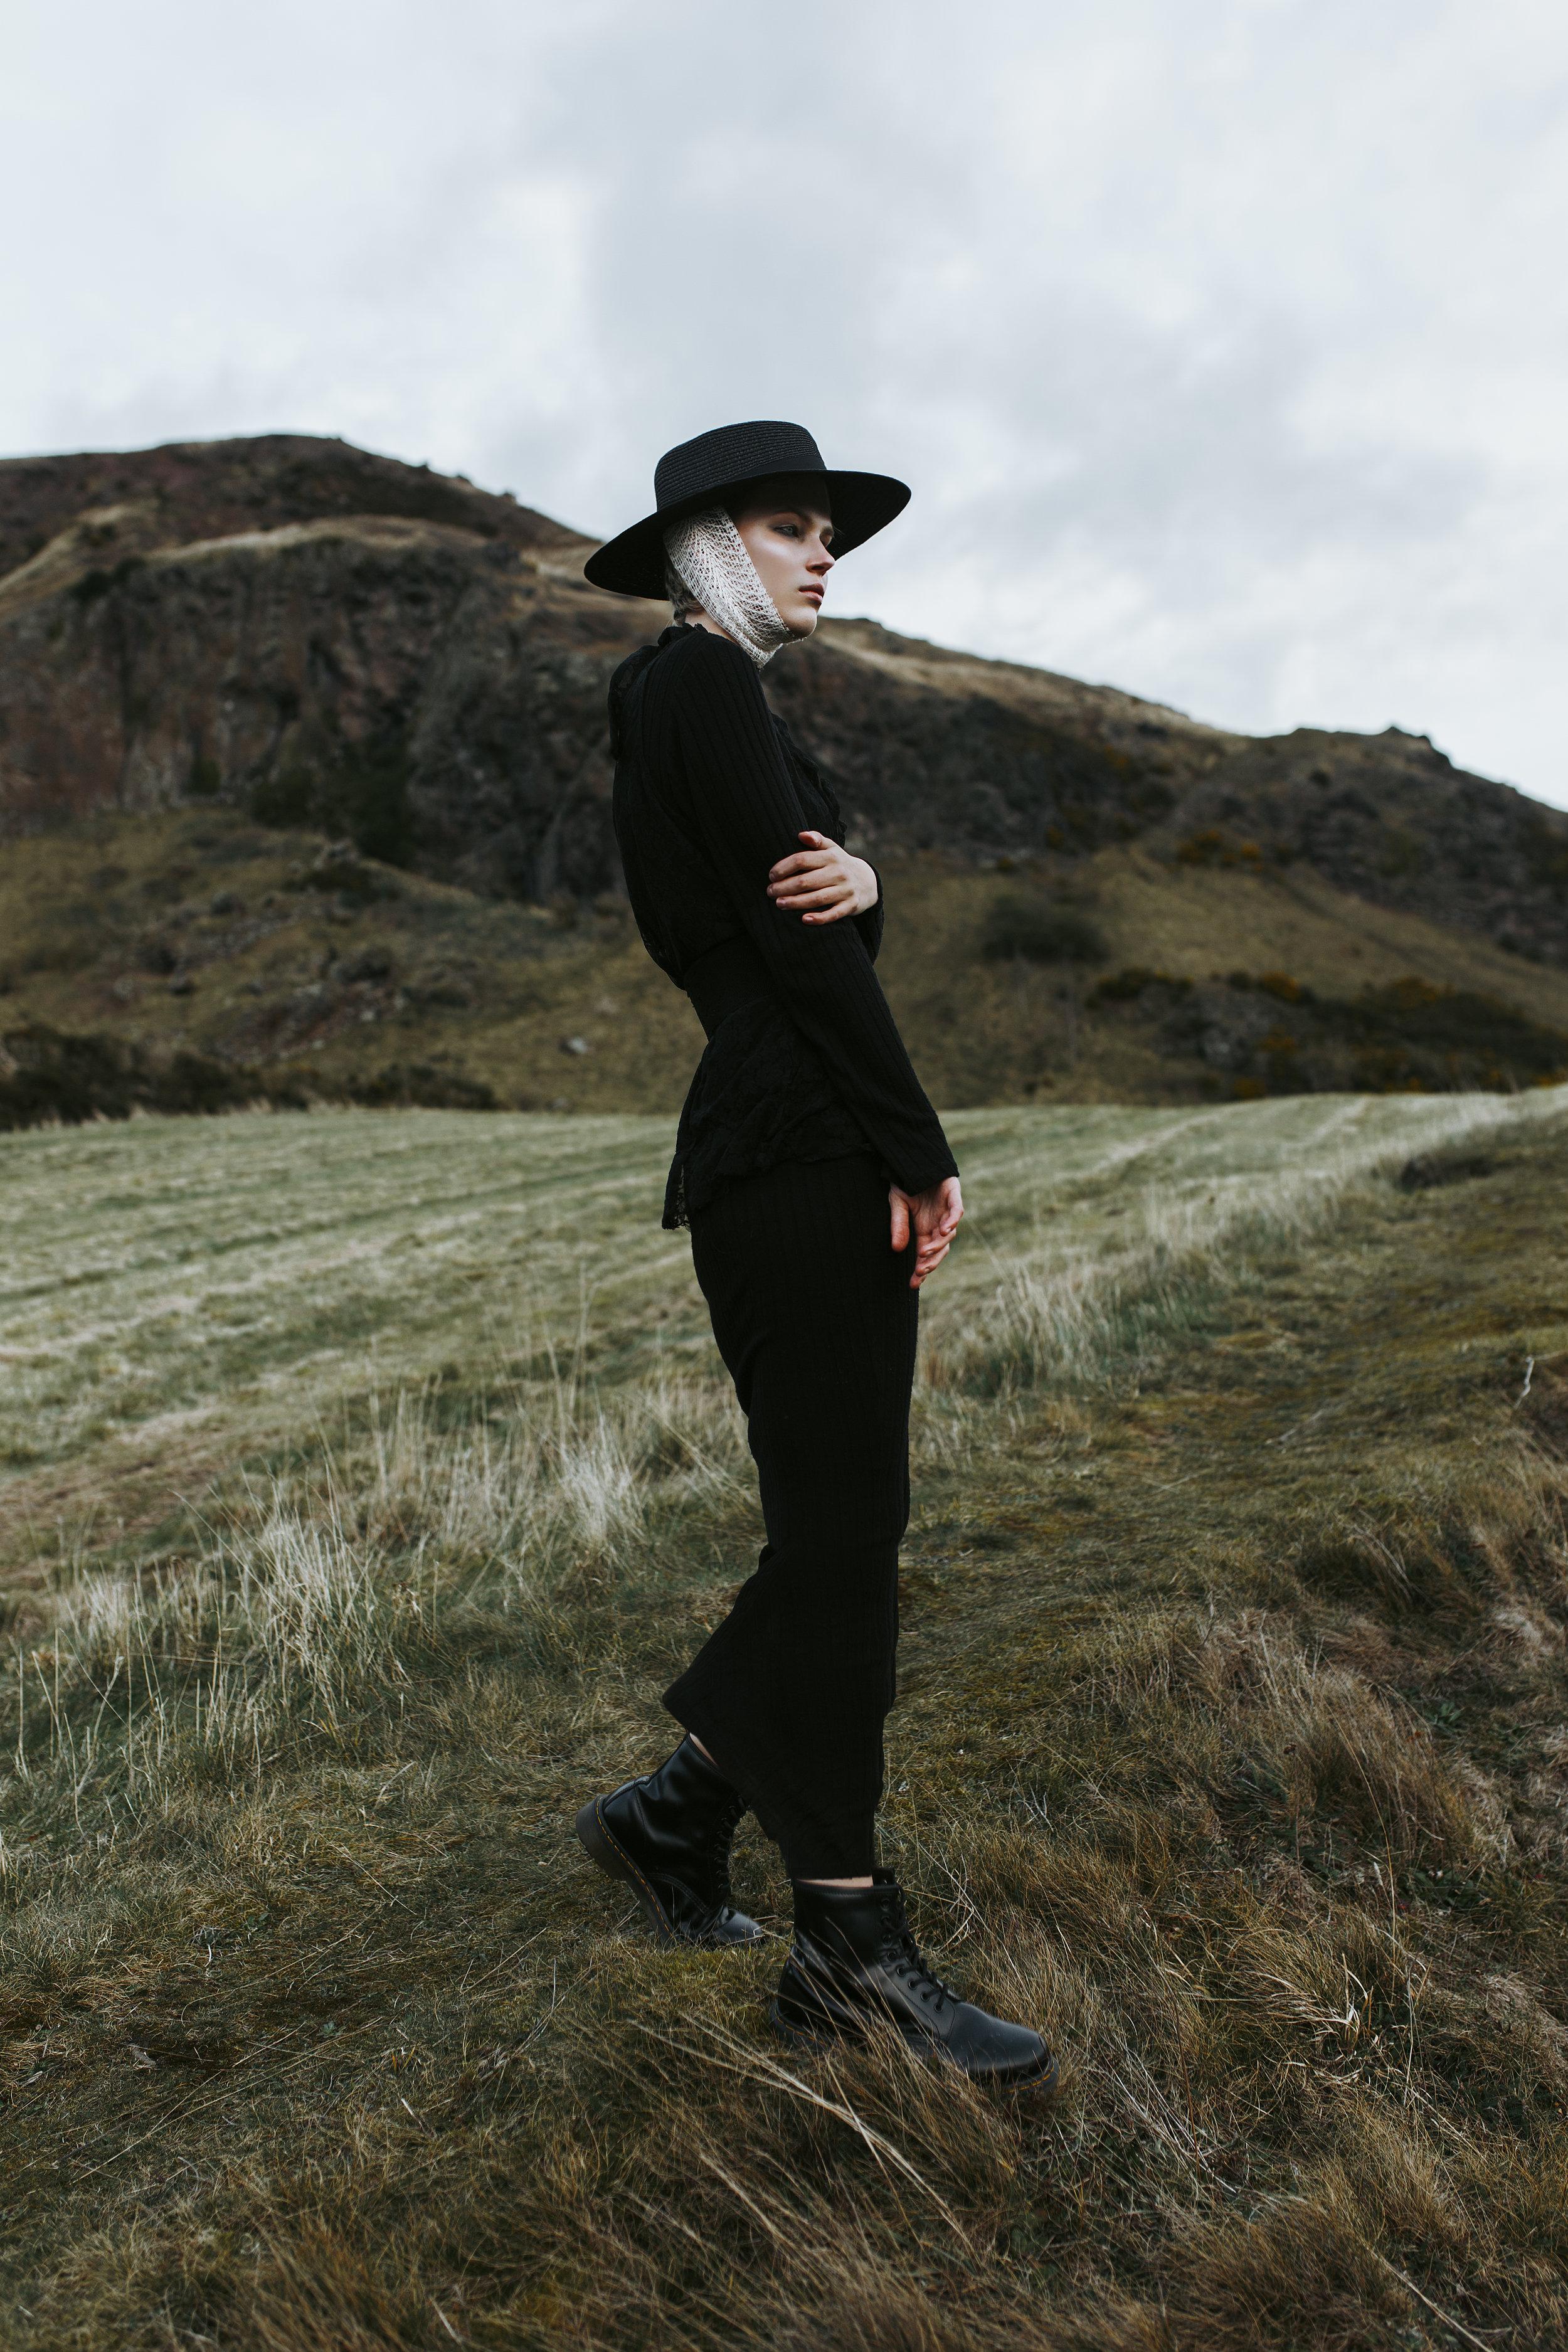 Hat / Village Hat Shop  Dress / Topshop  Lace Top / ASOS